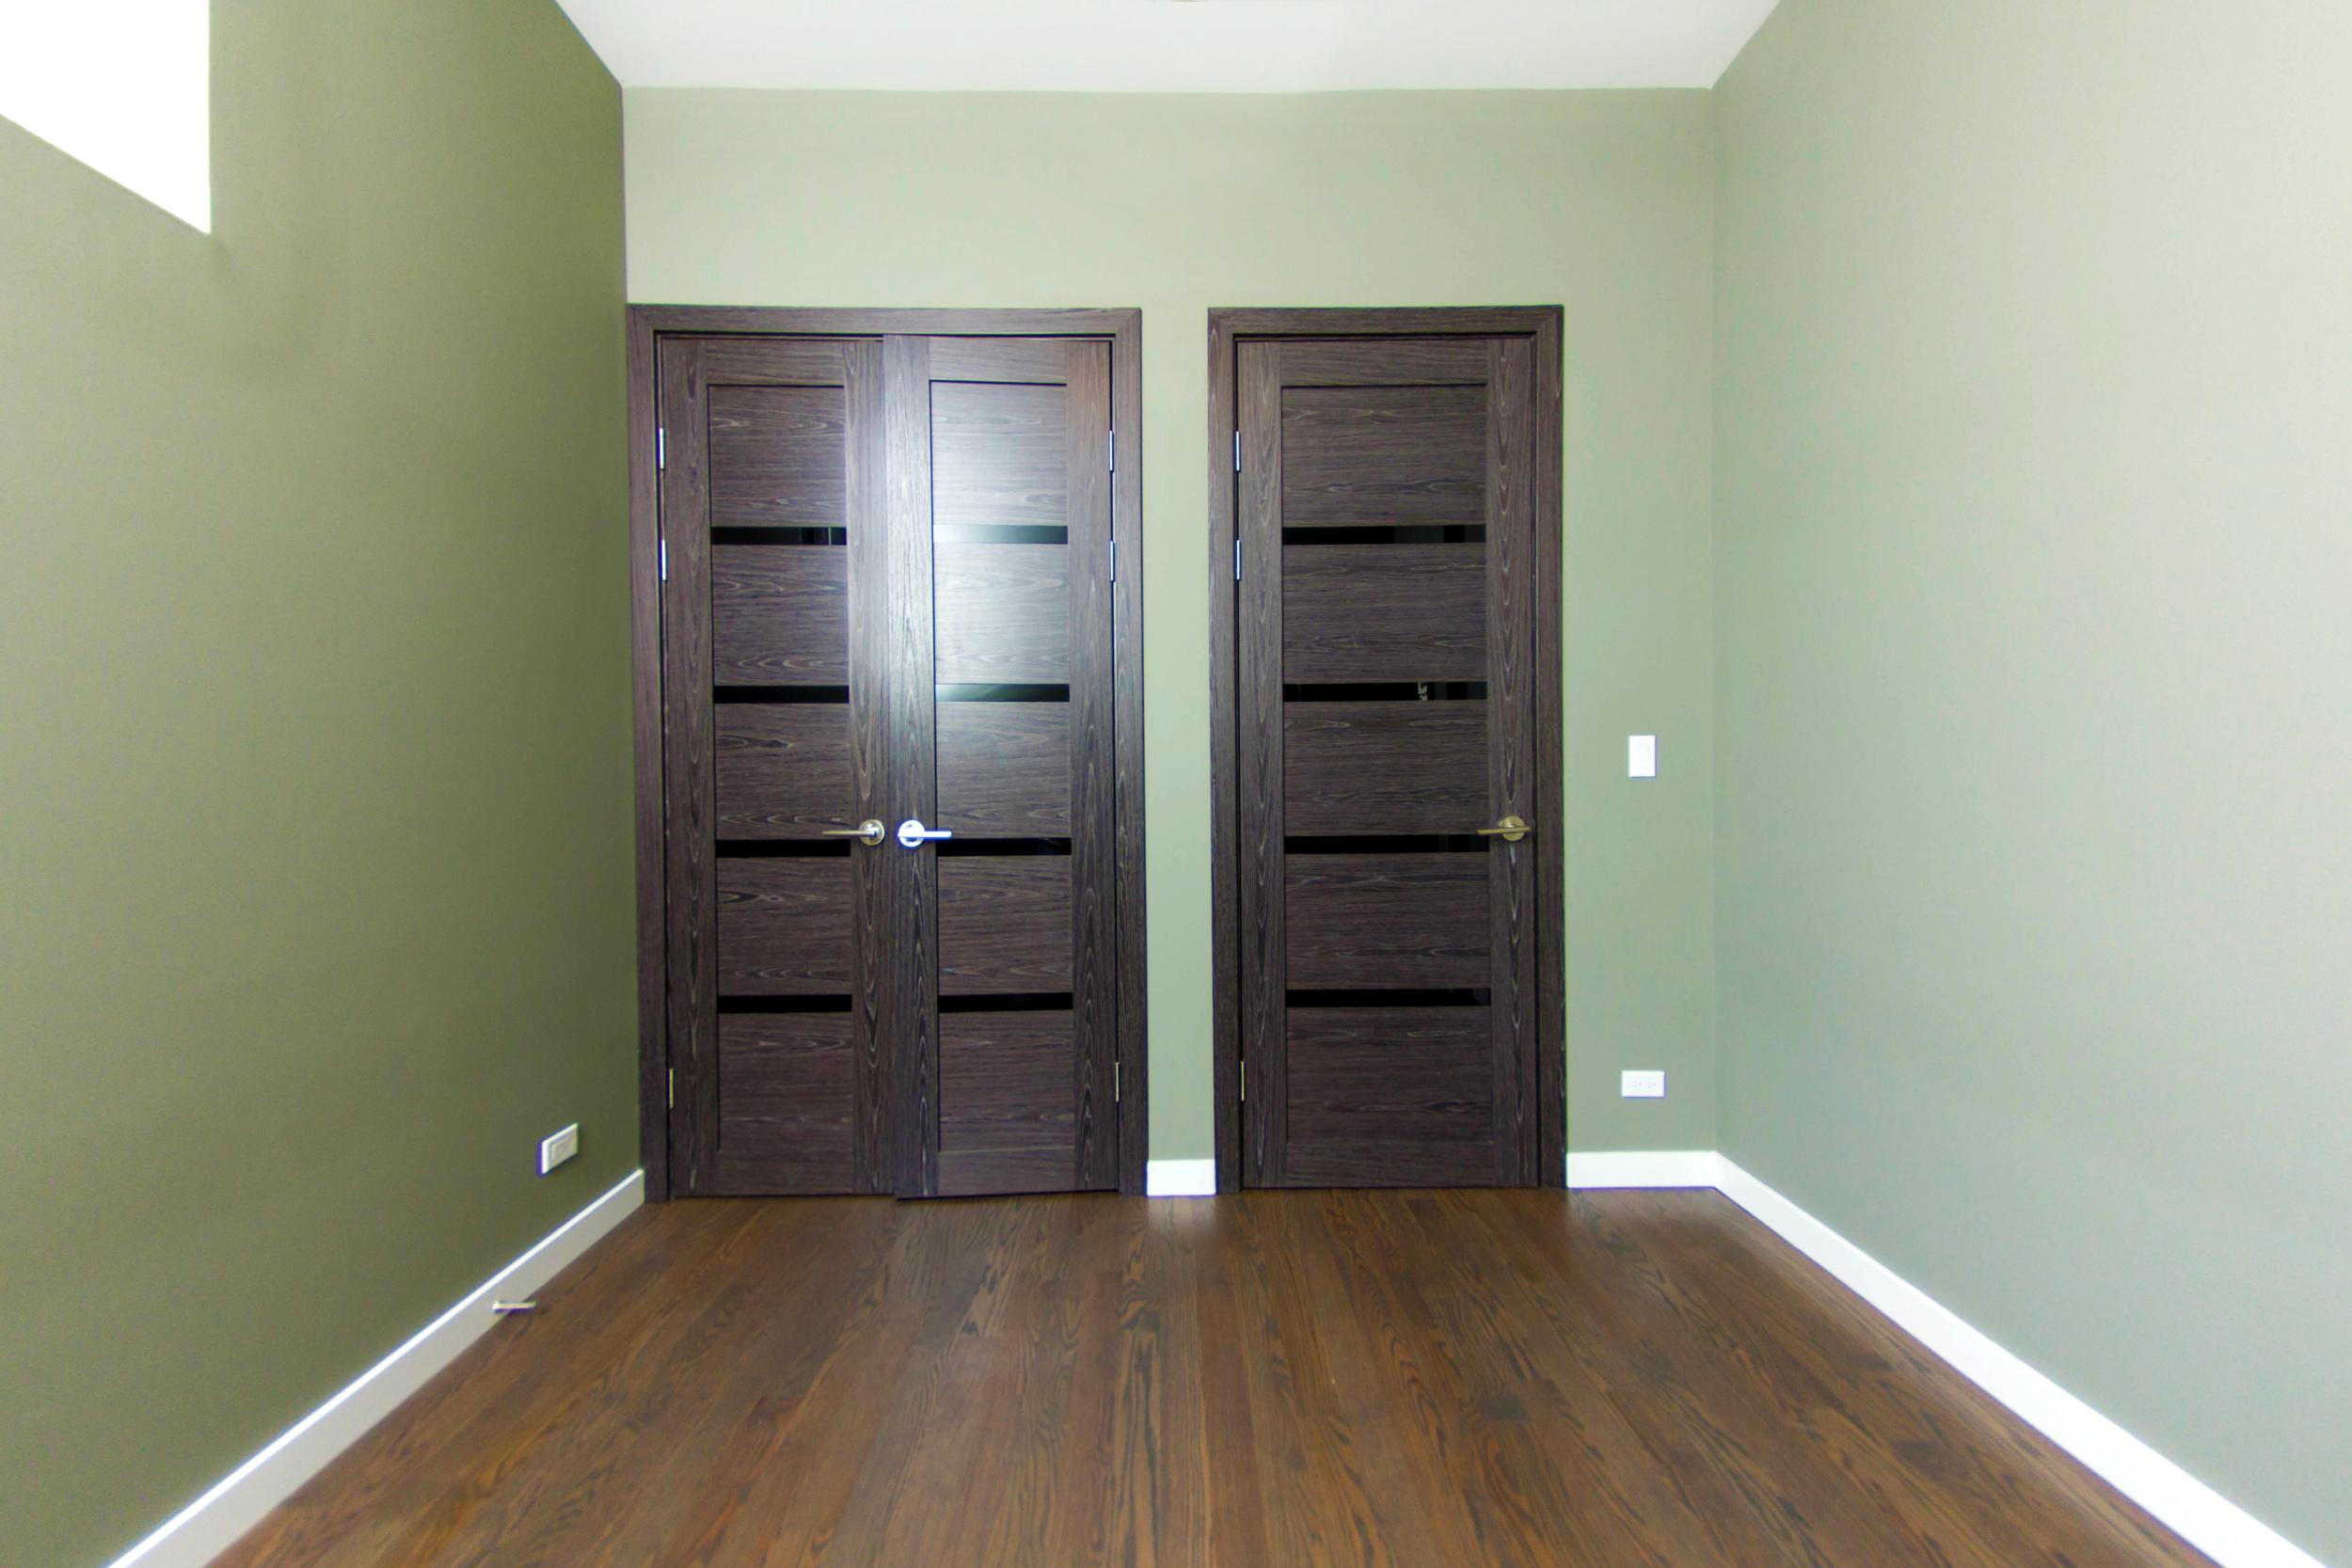 2440 West Ohio Chicago Interior Bedroom TARIS Real Estate